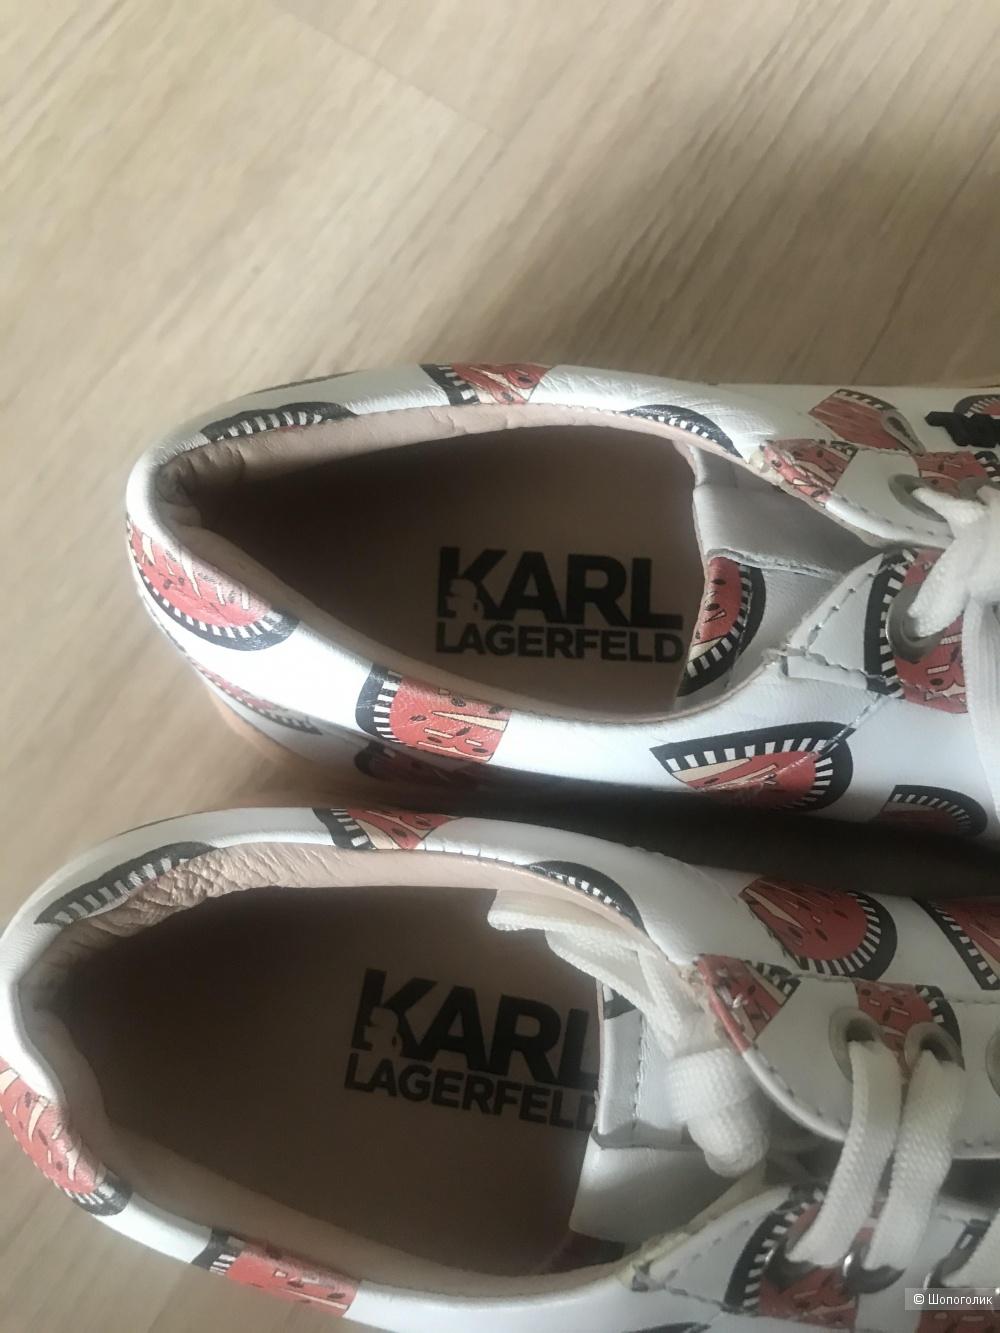 Кеды Karl Lagerfeld, 37 размер